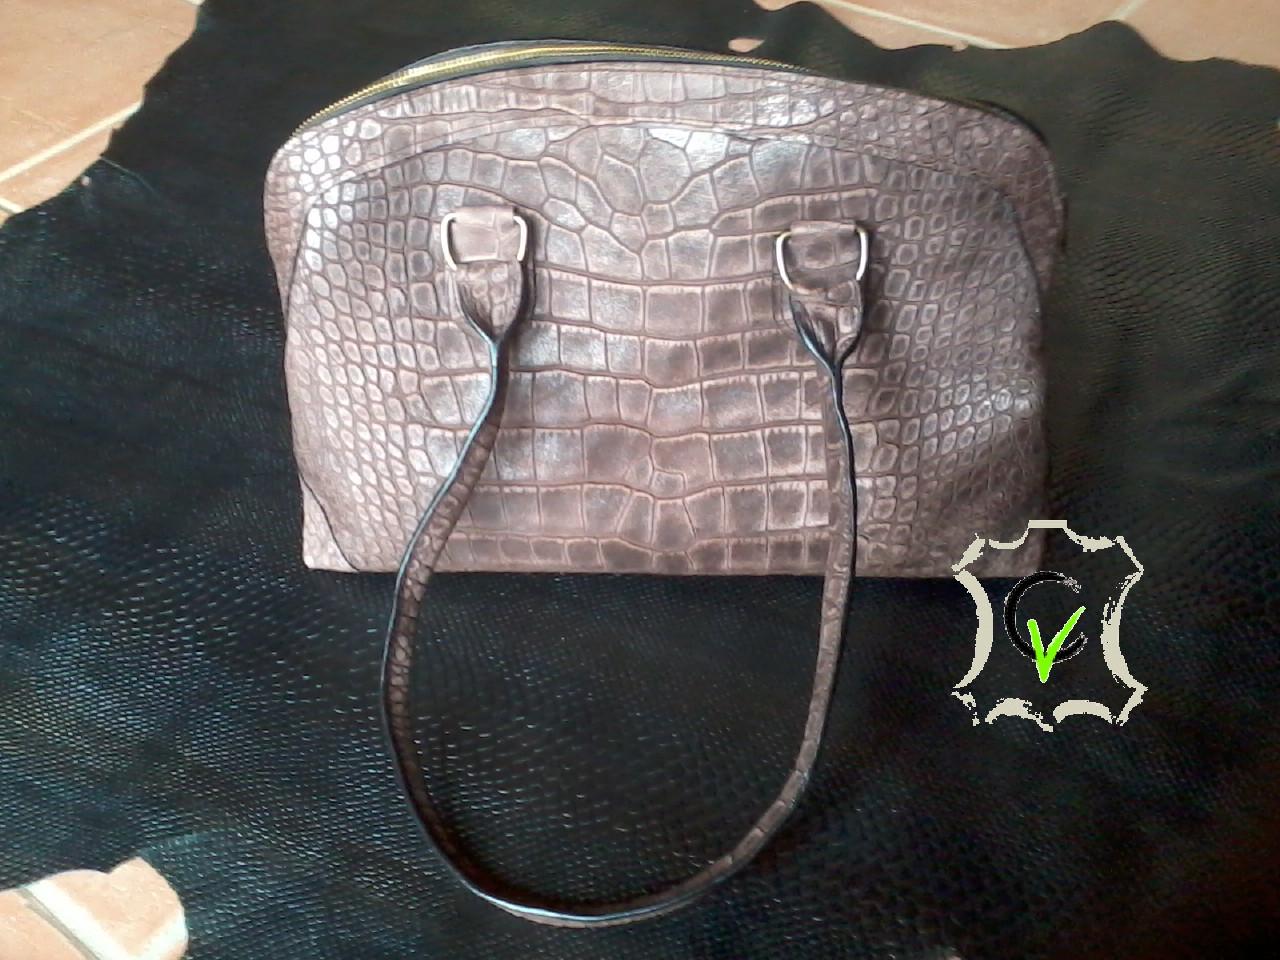 sac en cuir brun imitation crocodile, doublée velours bleu ciel, 4 pochettes, une poche à glissière intégrée à la doublure et une poche porte stylo